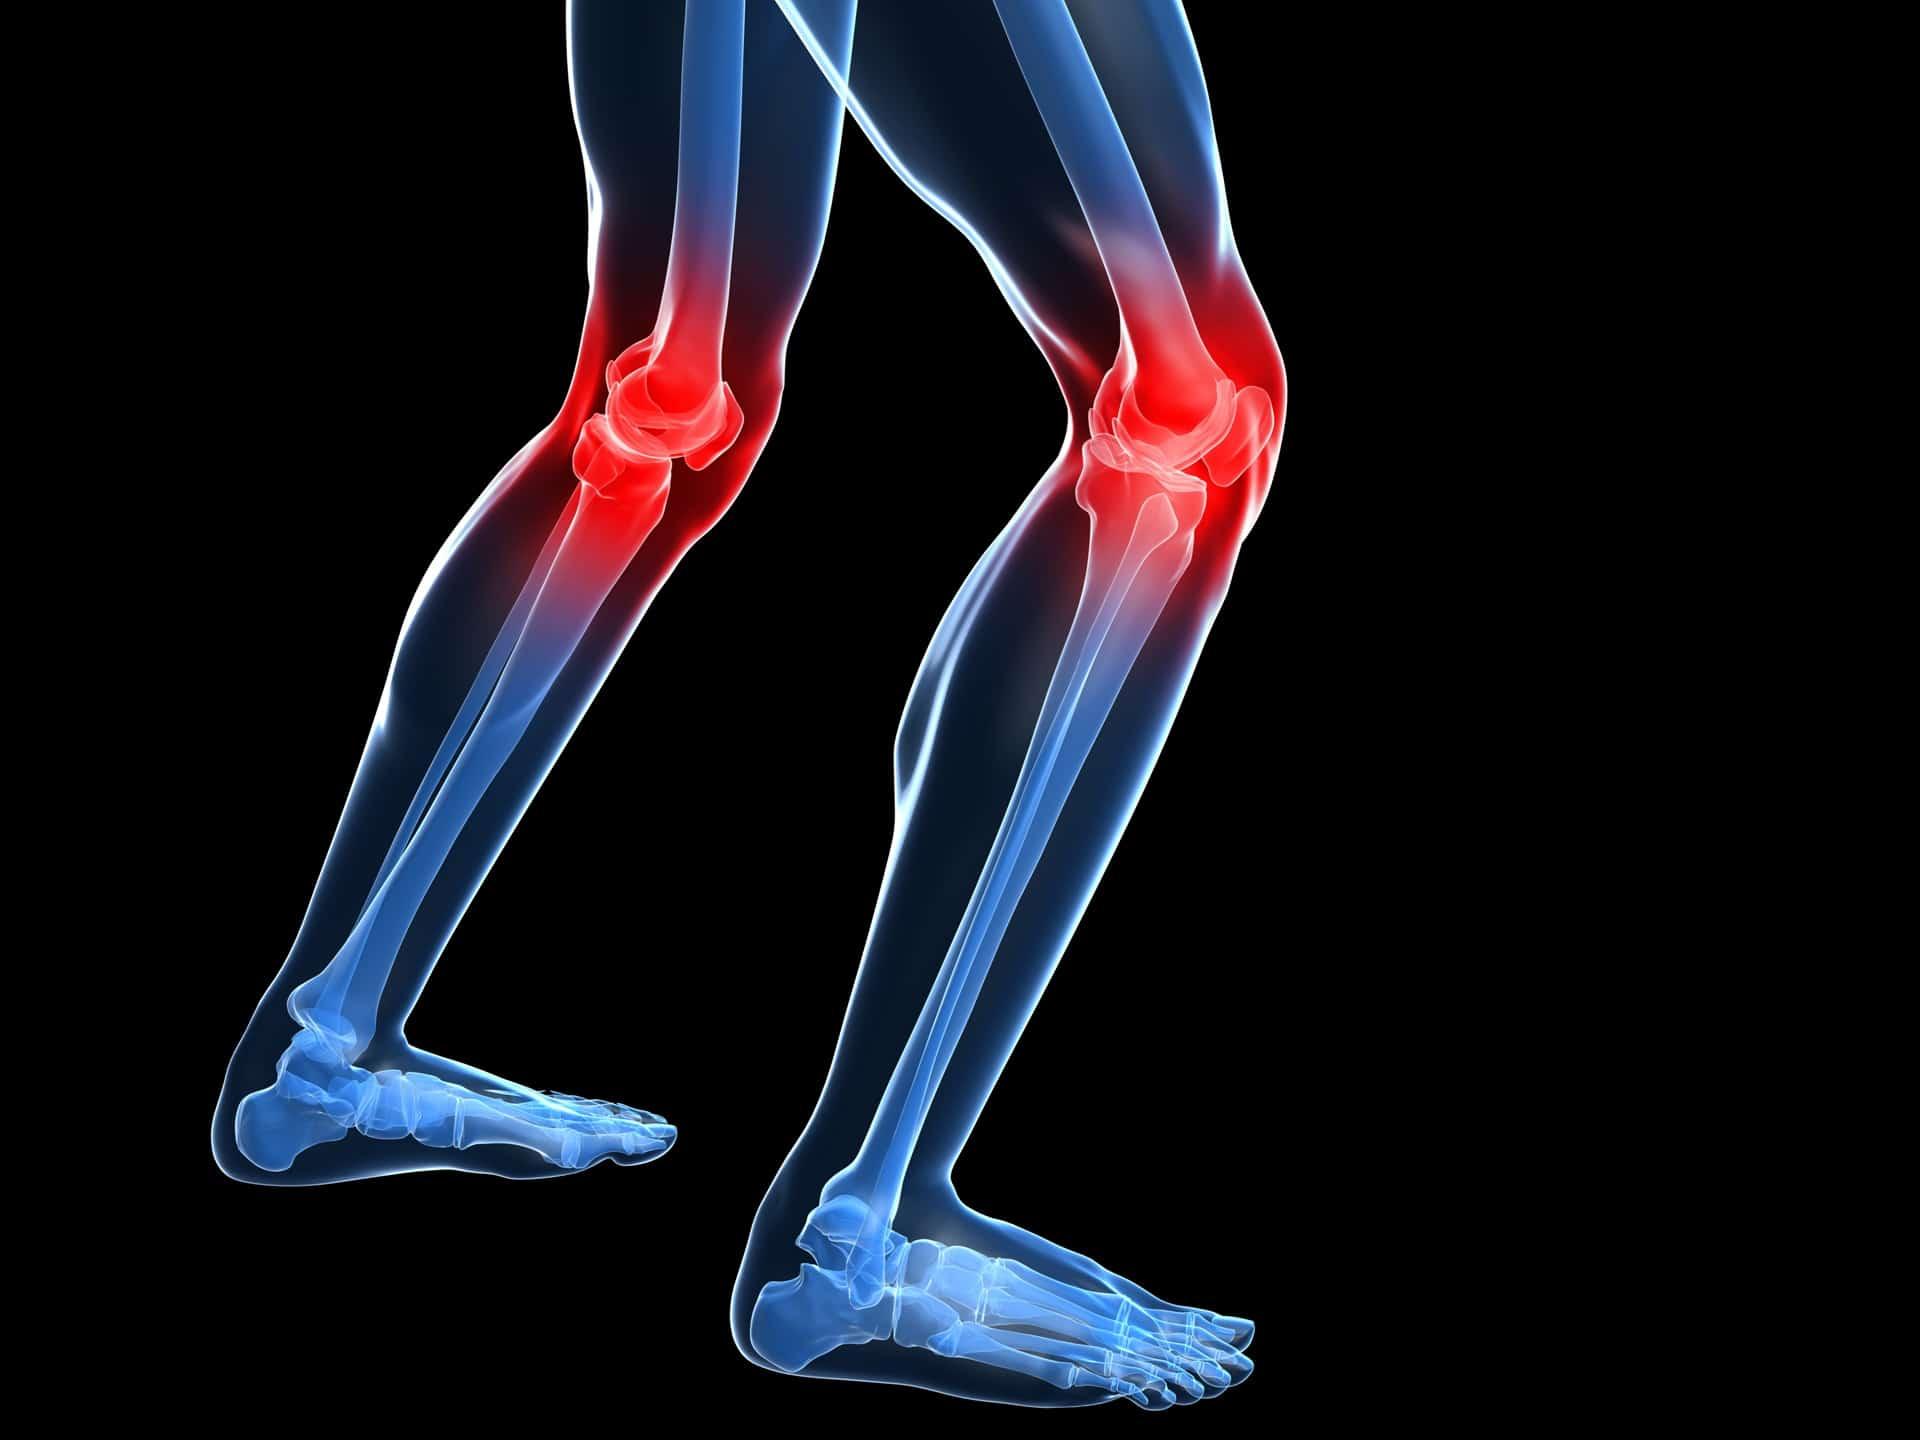 Todos sufrimos dolor de rodilla: Síntomas y causas más comunes